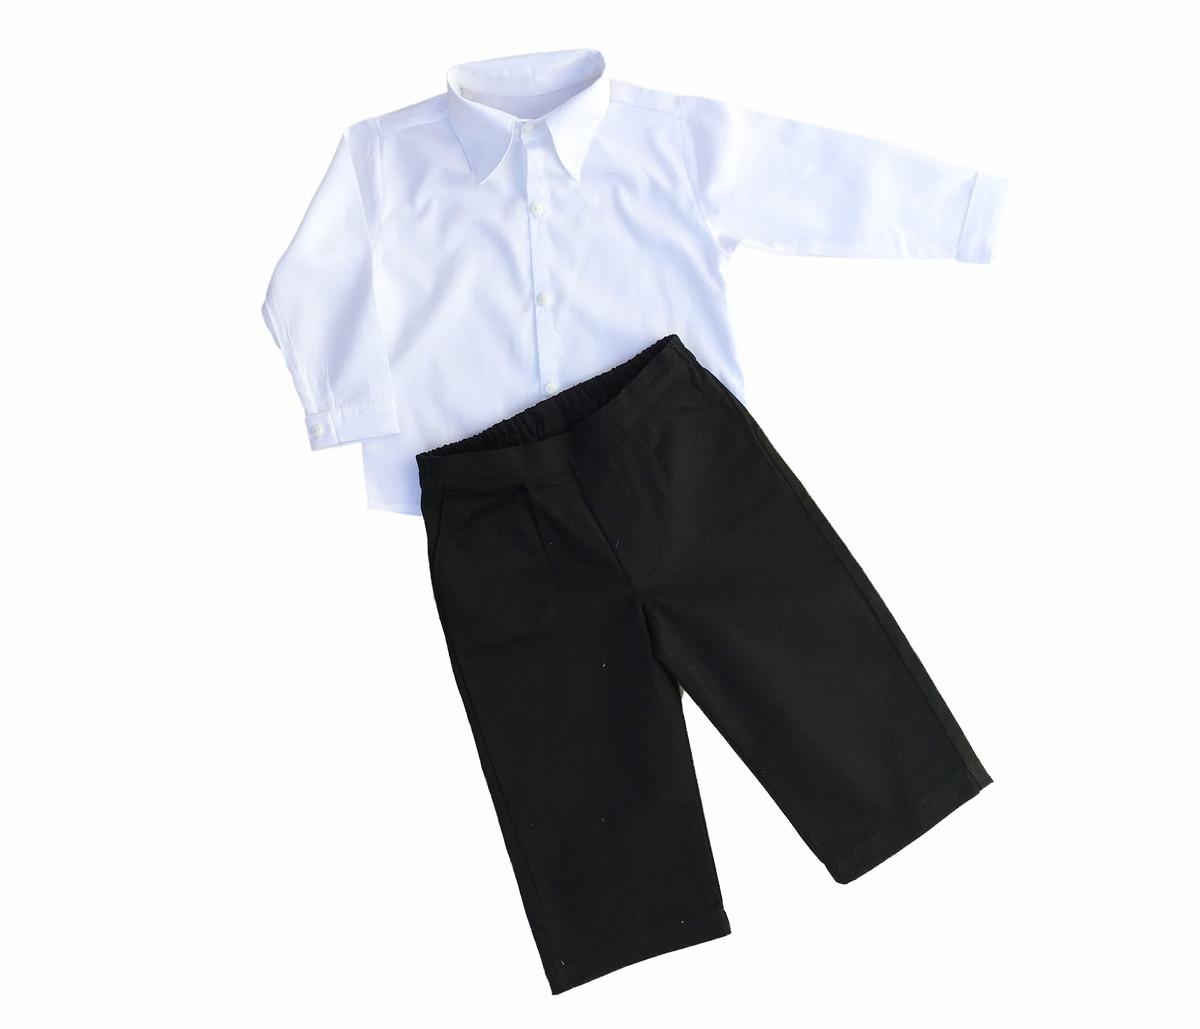 d4c76243c5 Conjunto social infantil  Camisa e Calça no Elo7